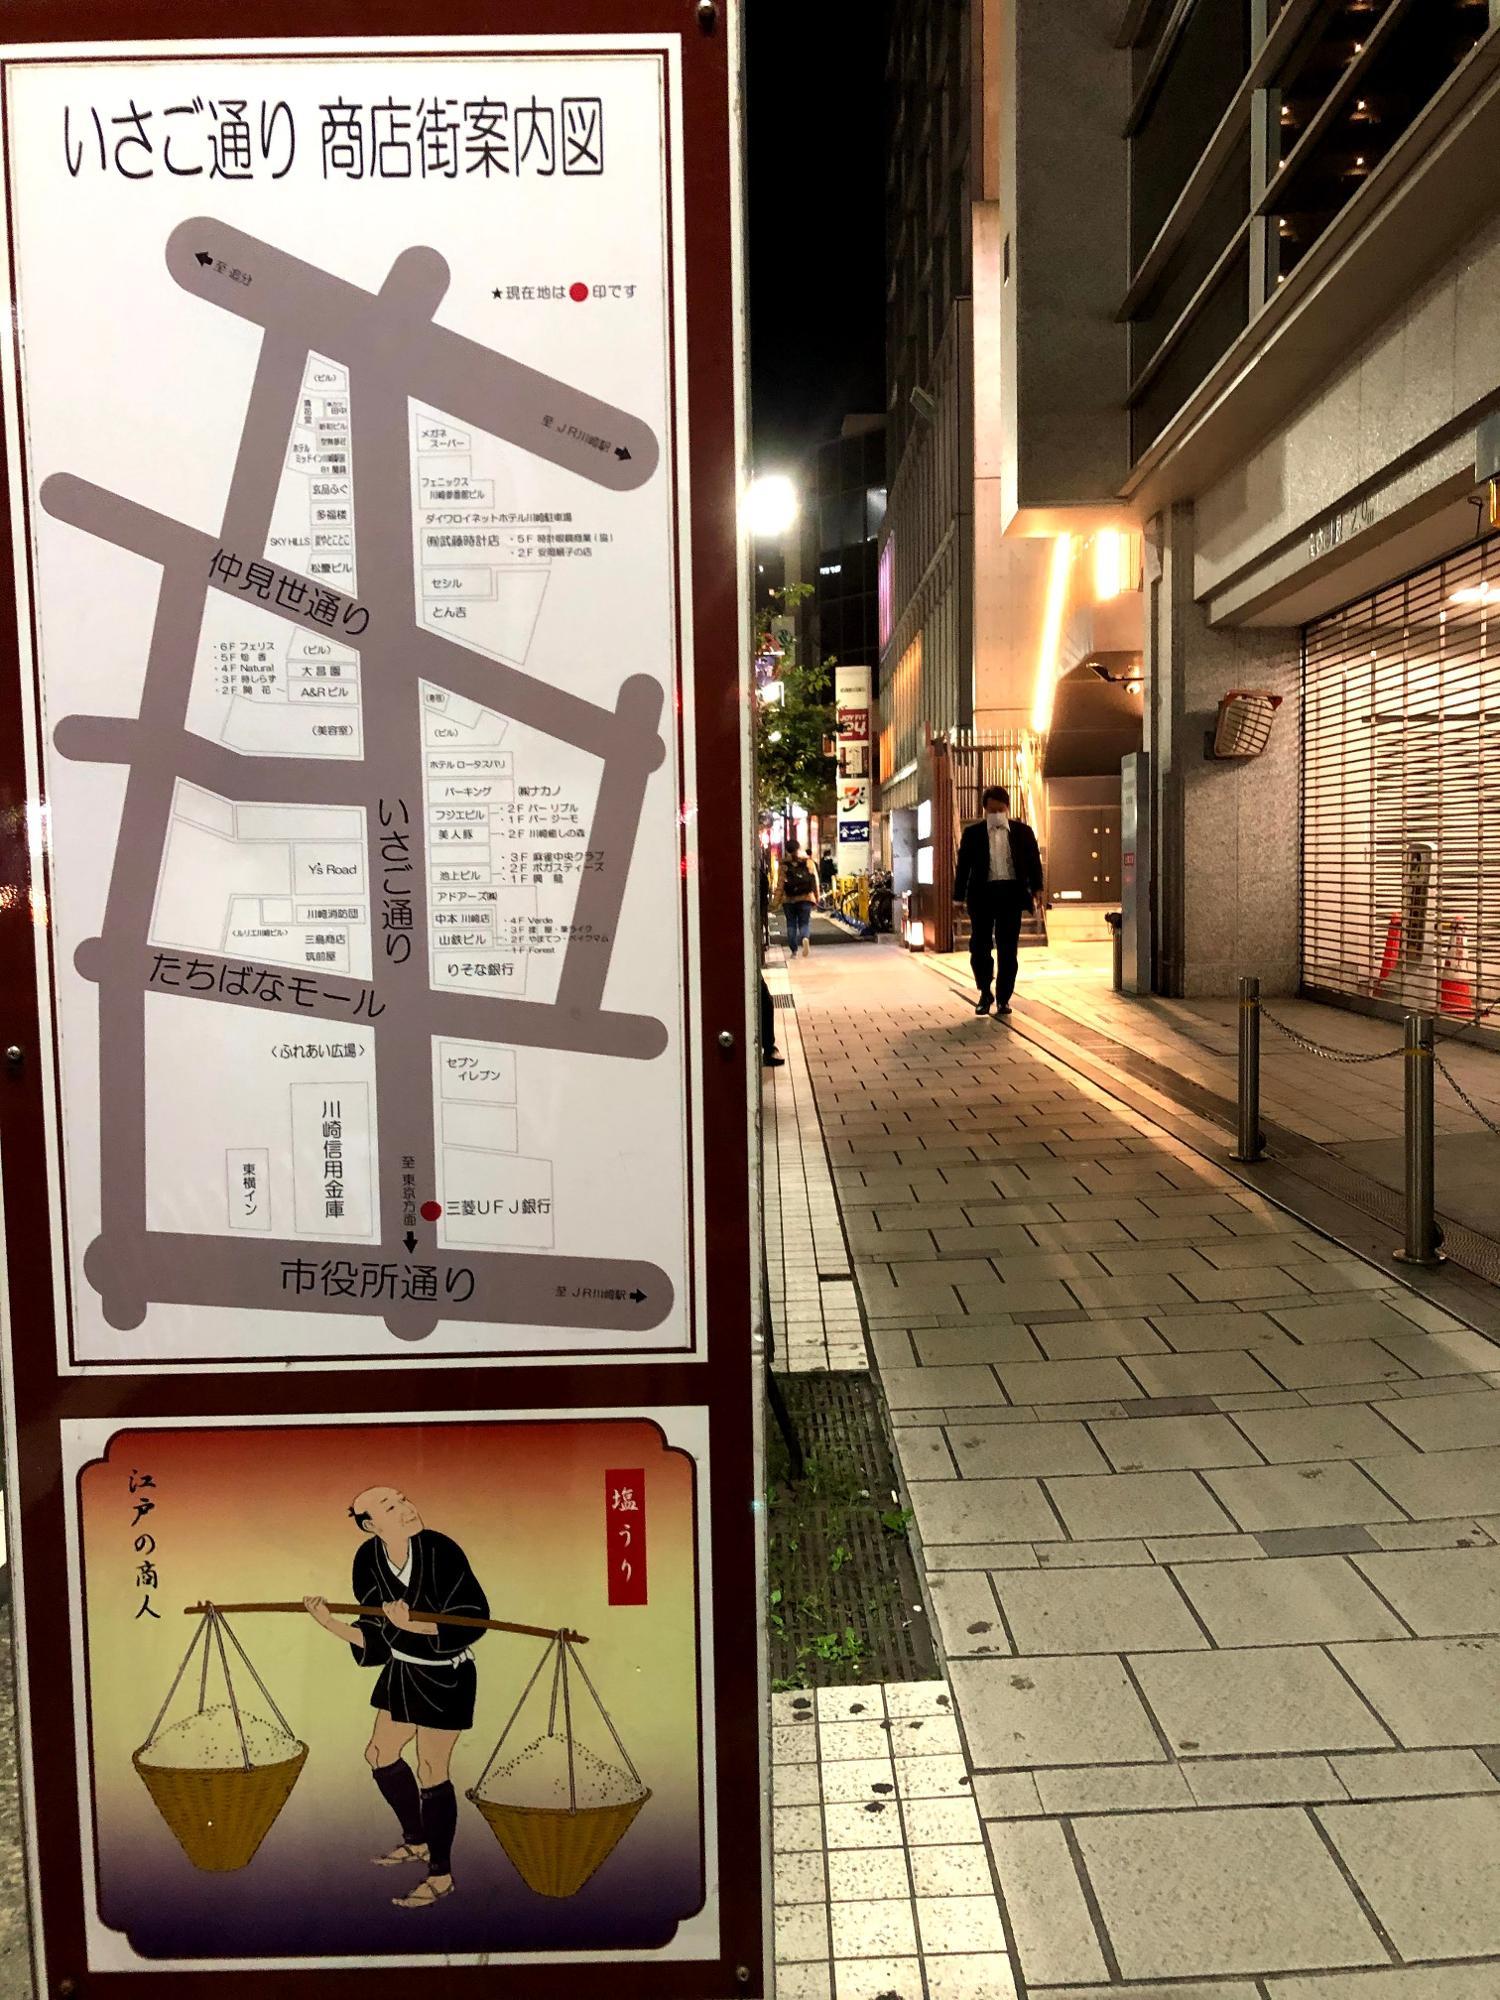 この地図の、三菱UFJ銀行の隣の白いスペースにできたのが新しいビルGEMS、写真奥右側の光ってるところ